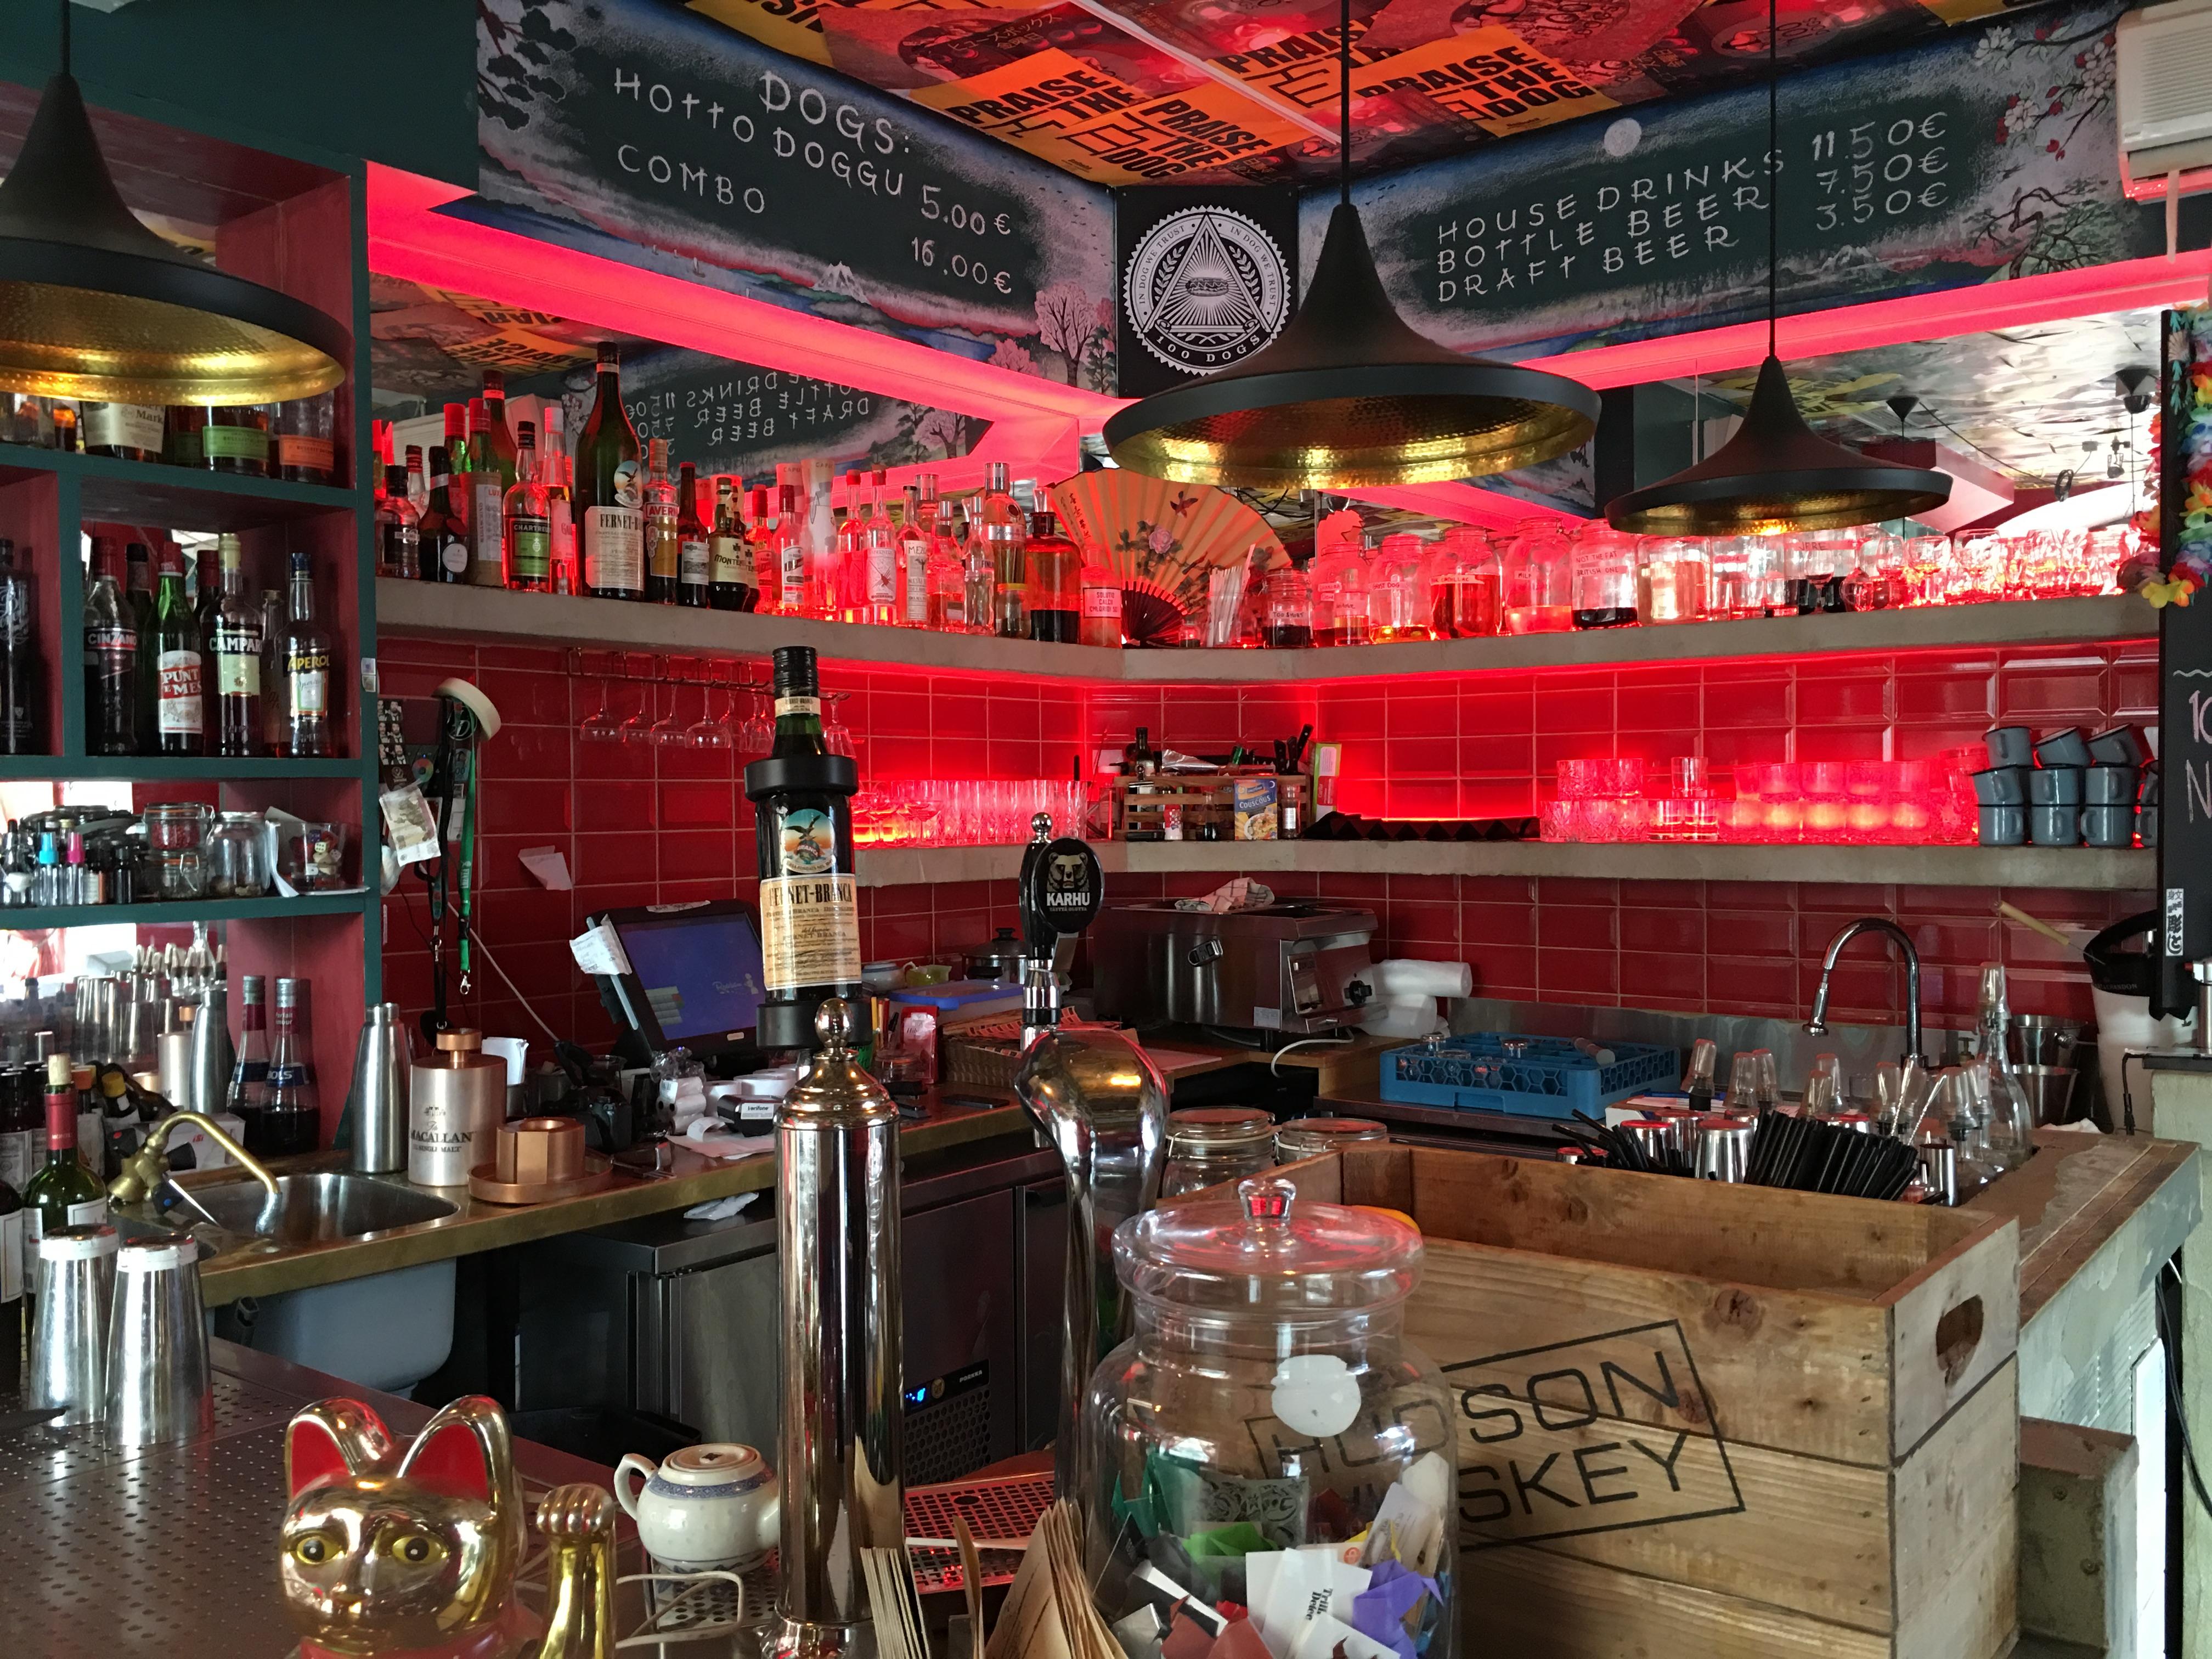 cocktail bar in helsinki 100 dogs 1